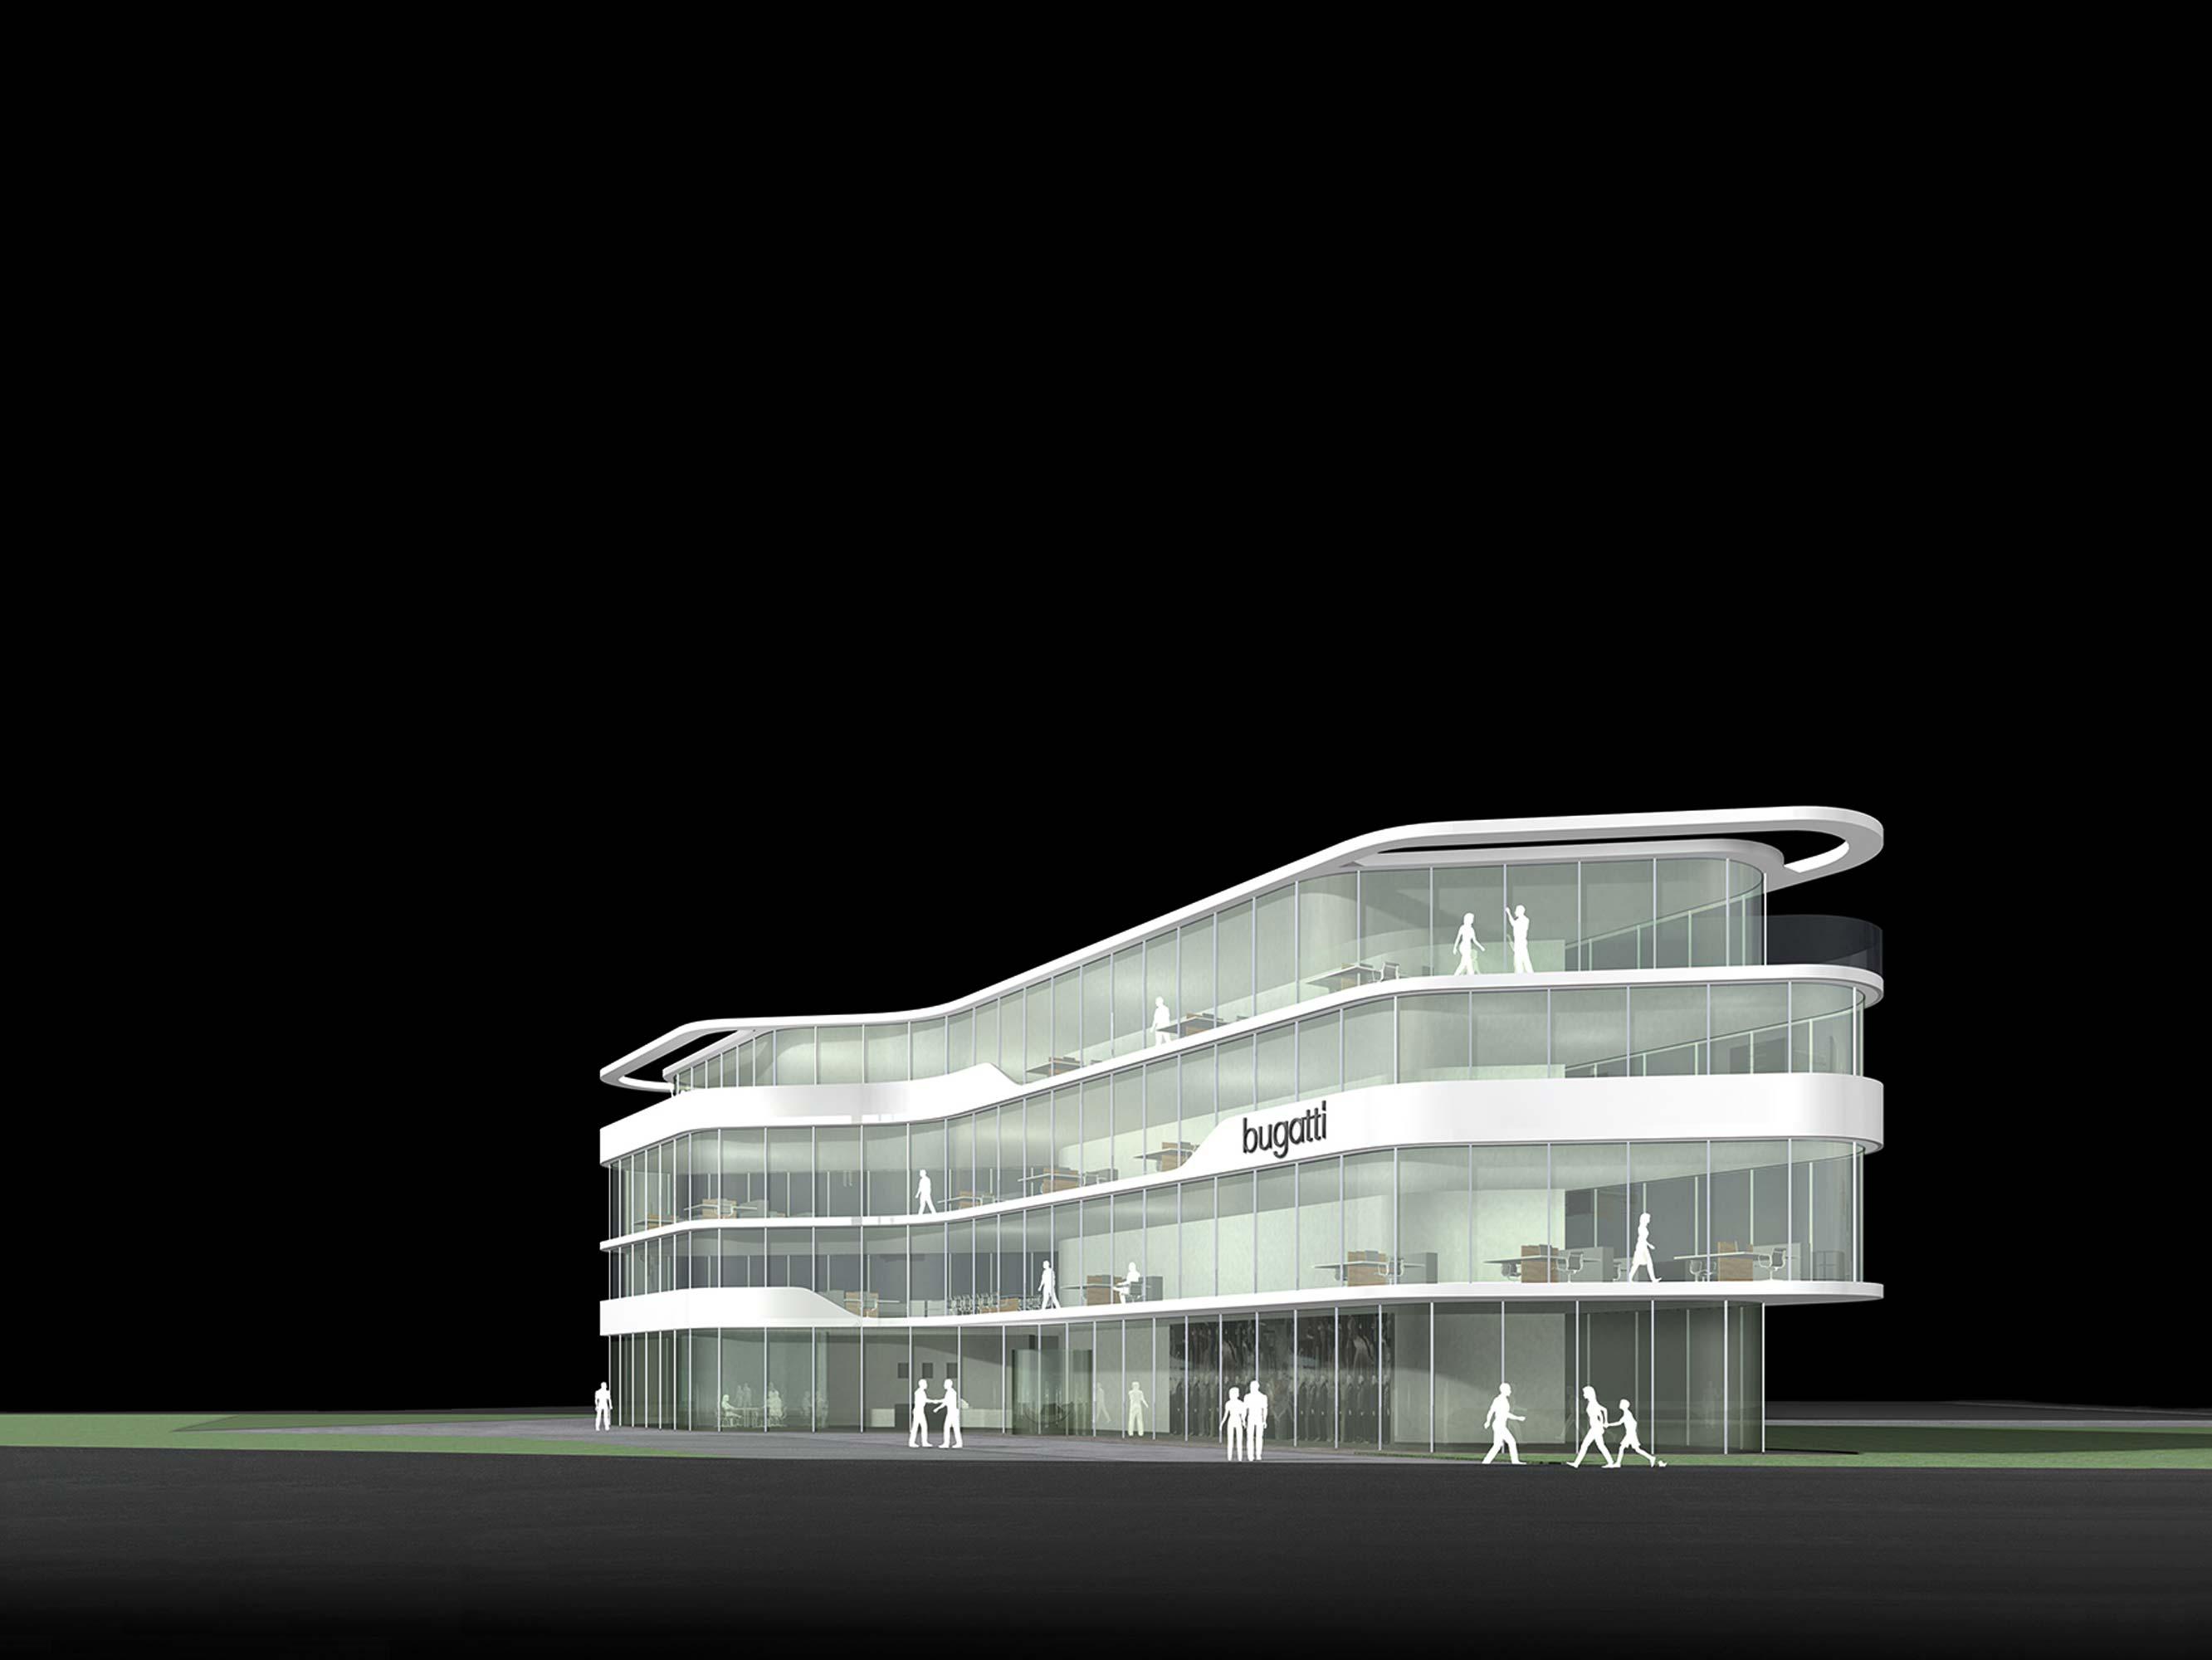 Home schlattmeier architekten - Att architekten ...